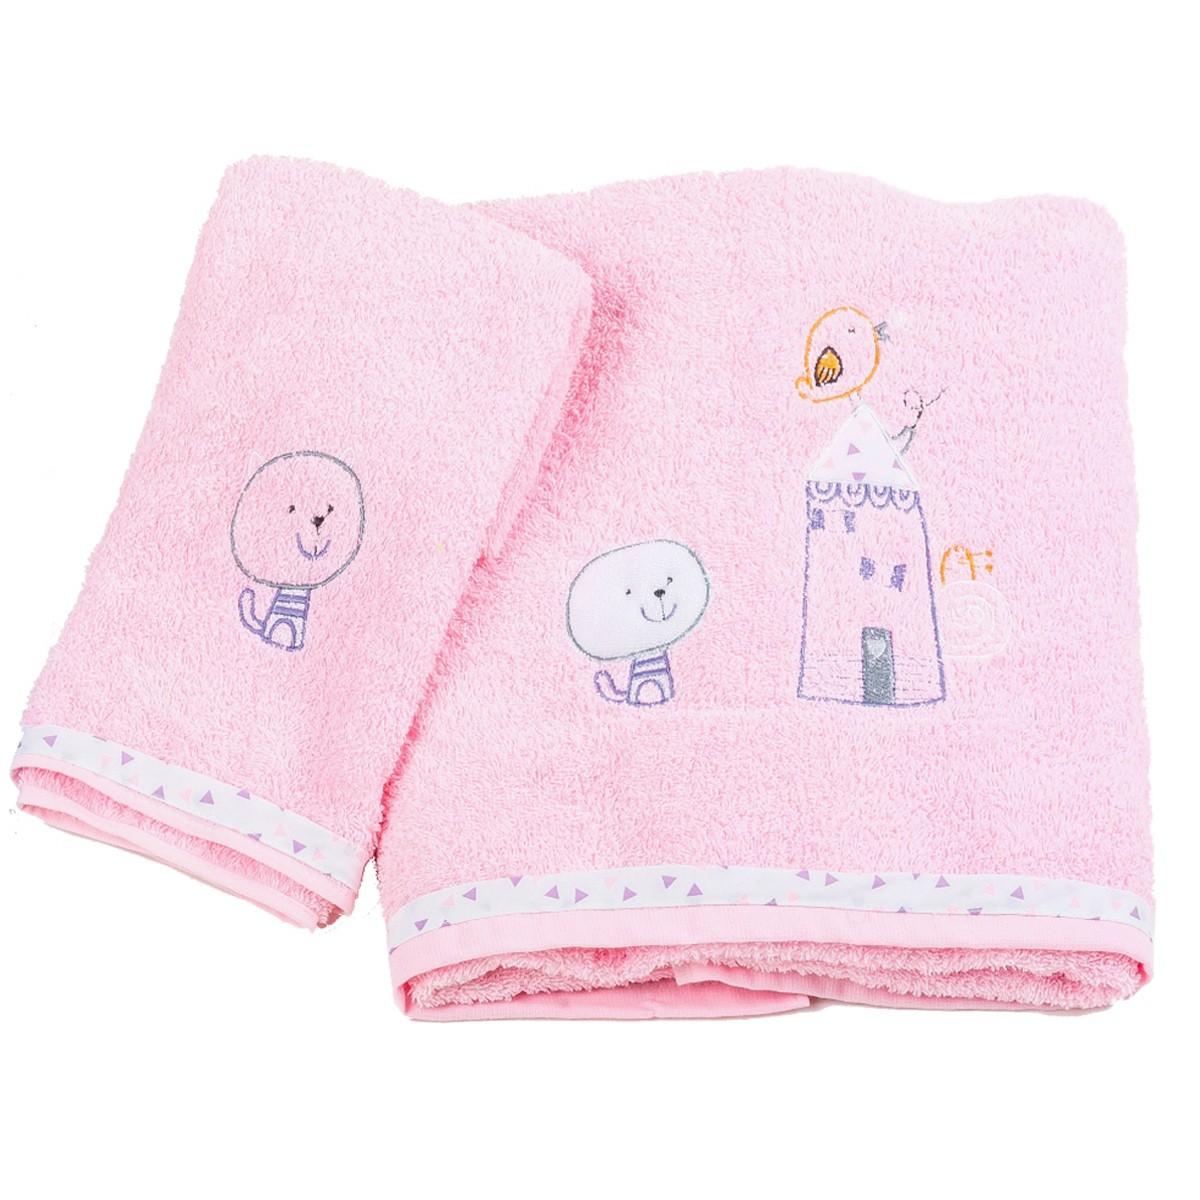 Βρεφικές Πετσέτες (Σετ 2τμχ) Κόσμος Του Μωρού Home 0590 Ροζ